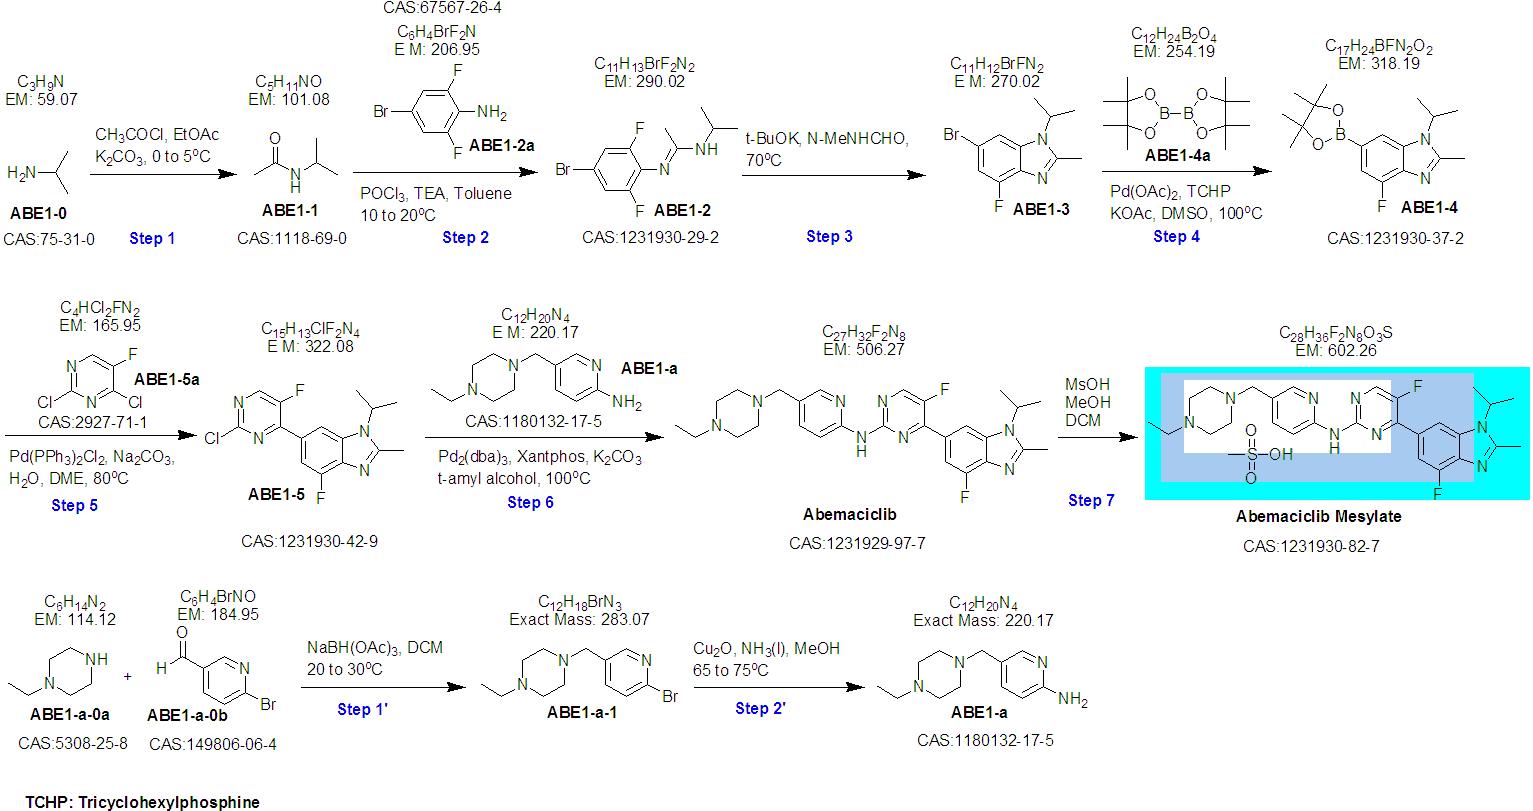 Abemaciclib ROS-2